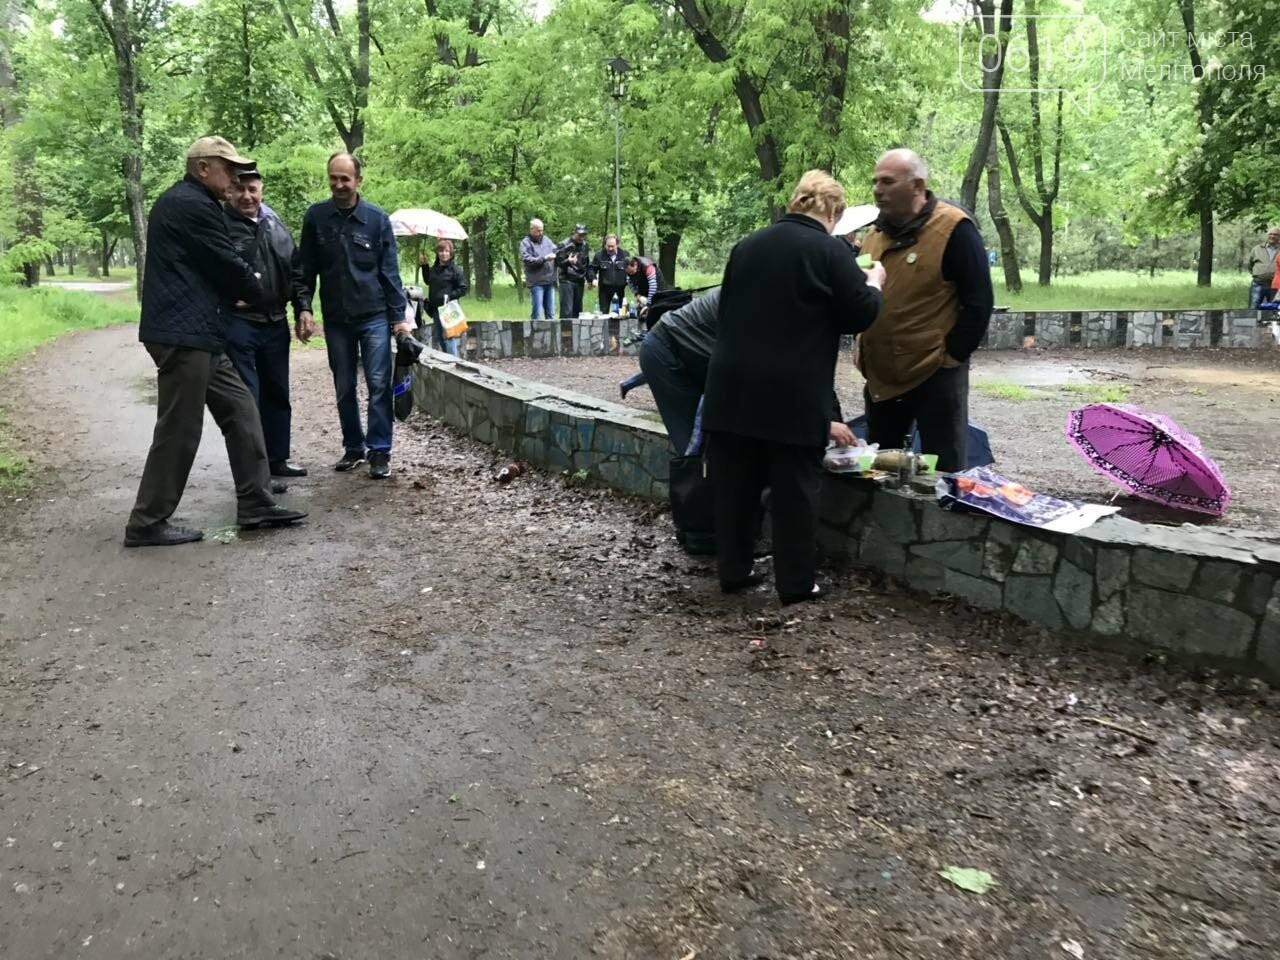 Мелитопольцы продолжают праздновать День Победы в городском парке, фото-7